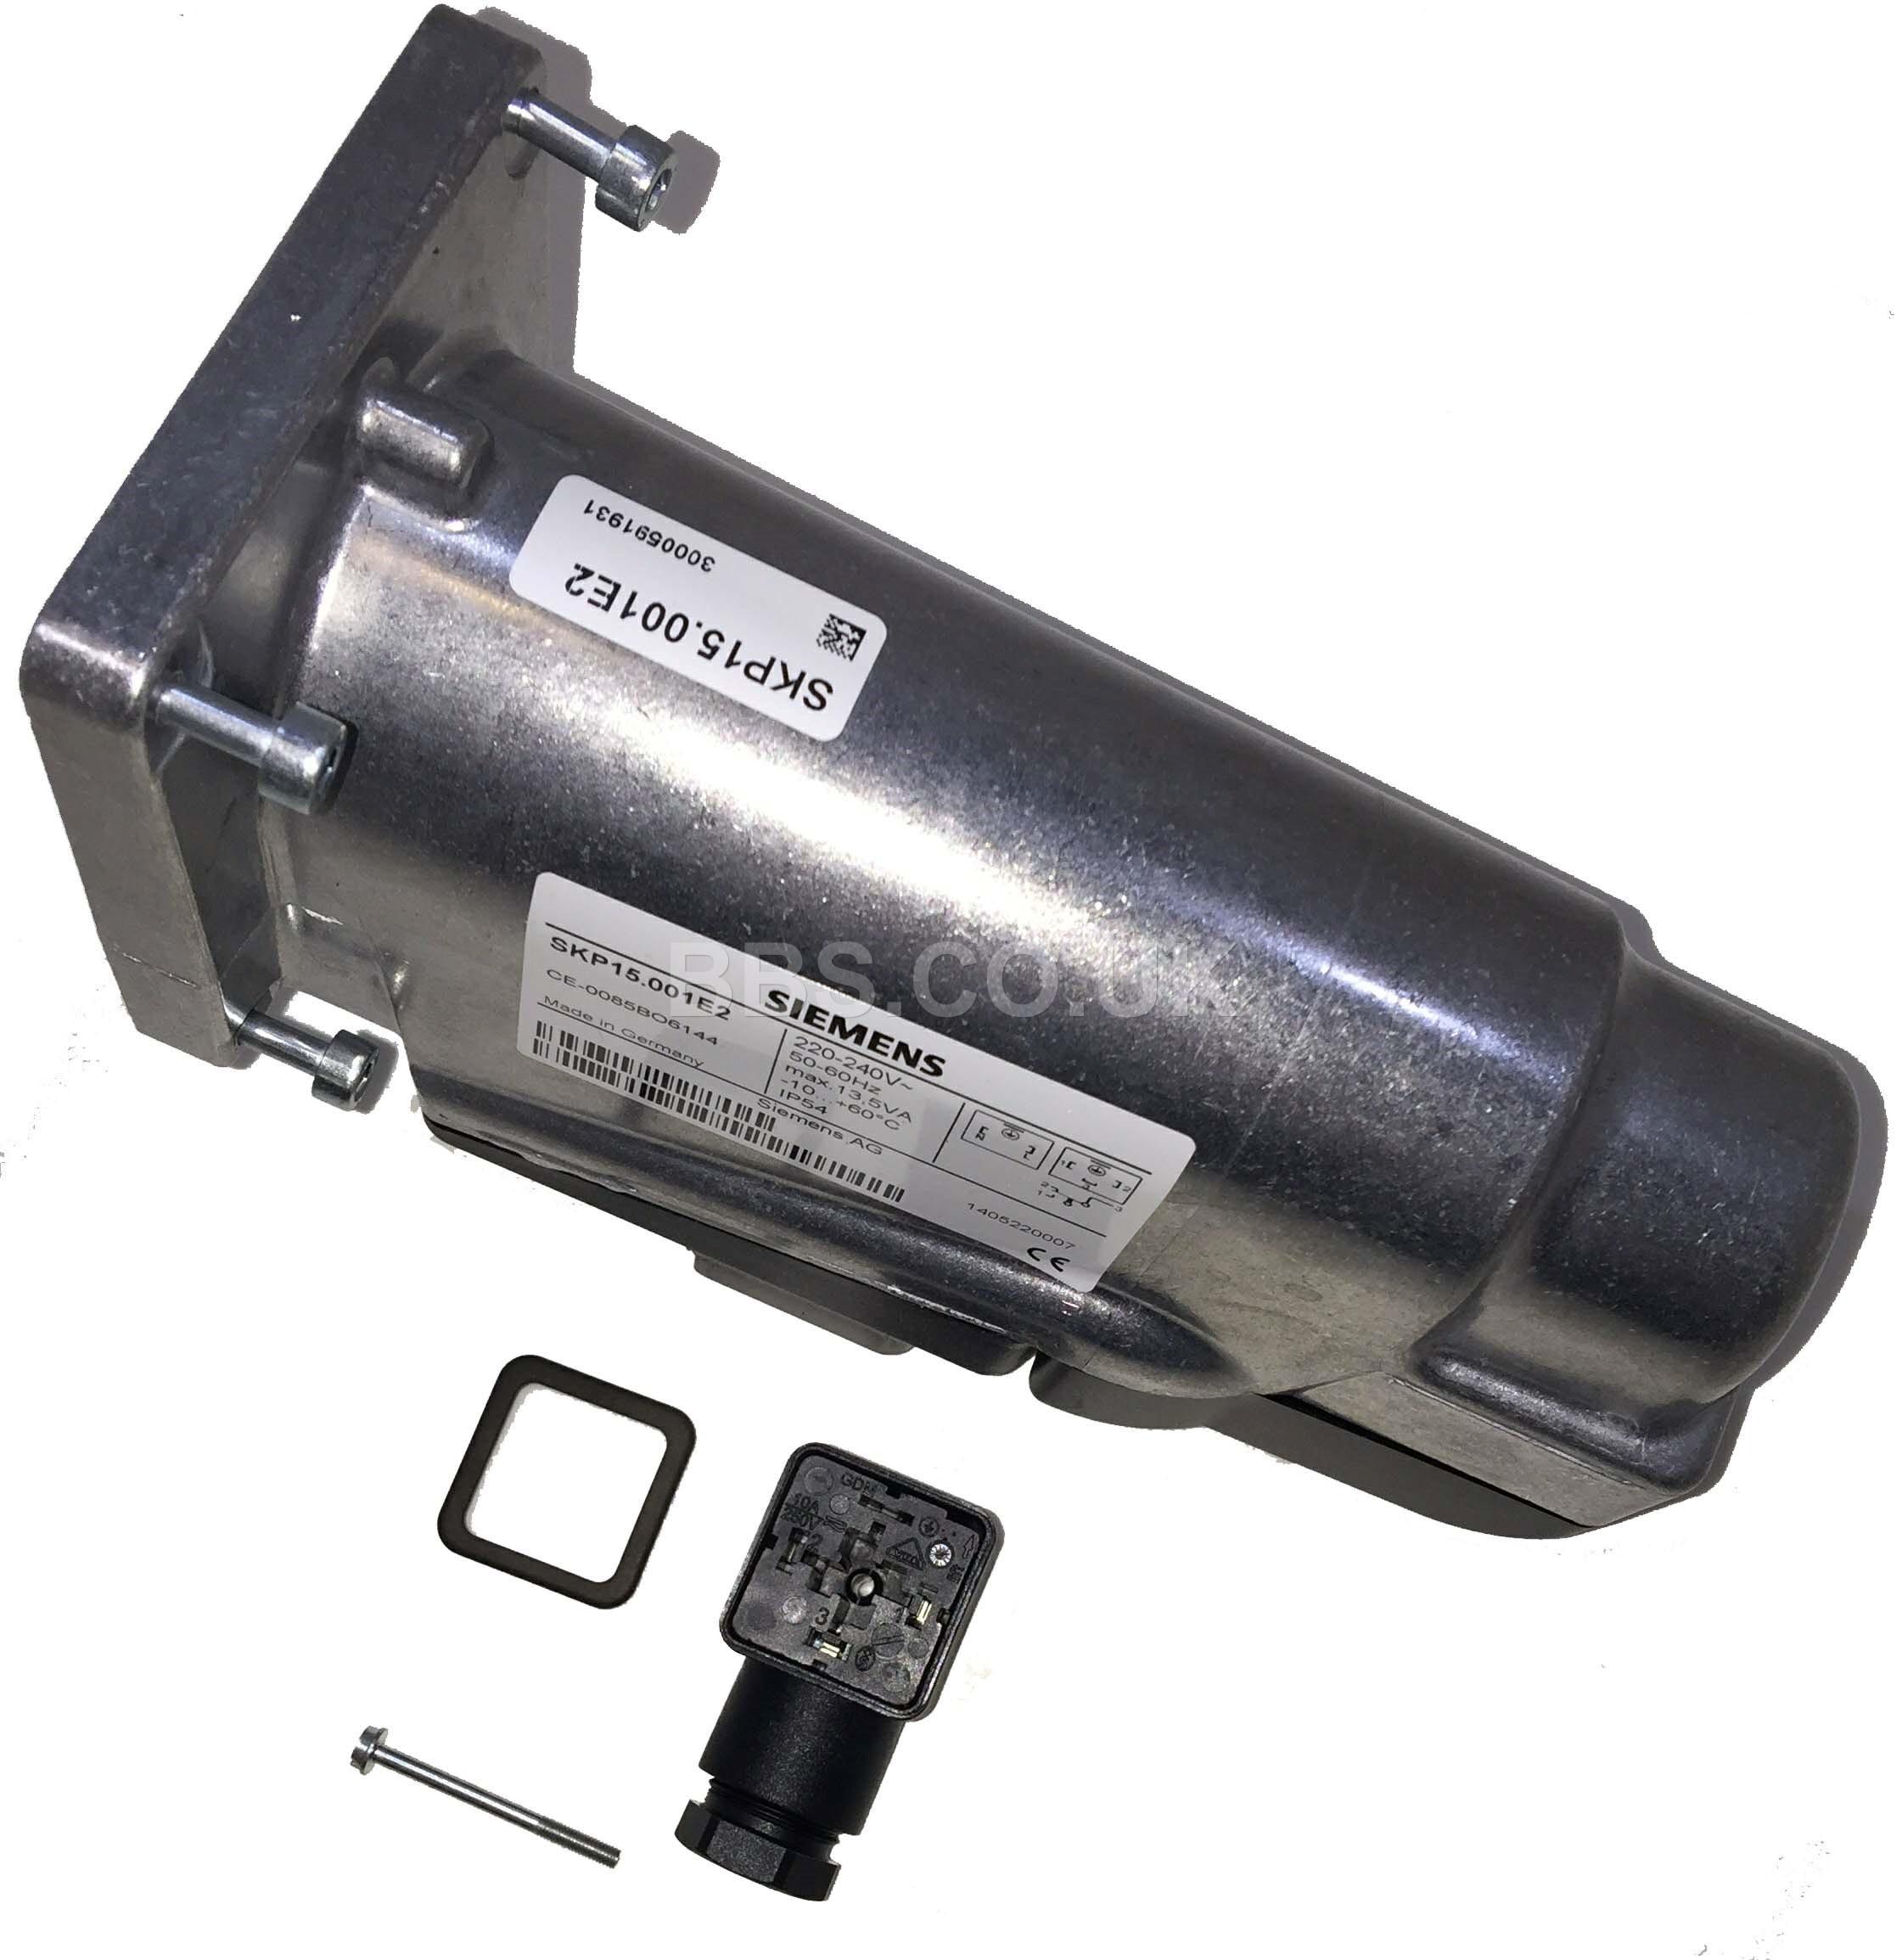 SIEMENS GAS VALVE ACTUATOR SKP15.001E2 220-240V